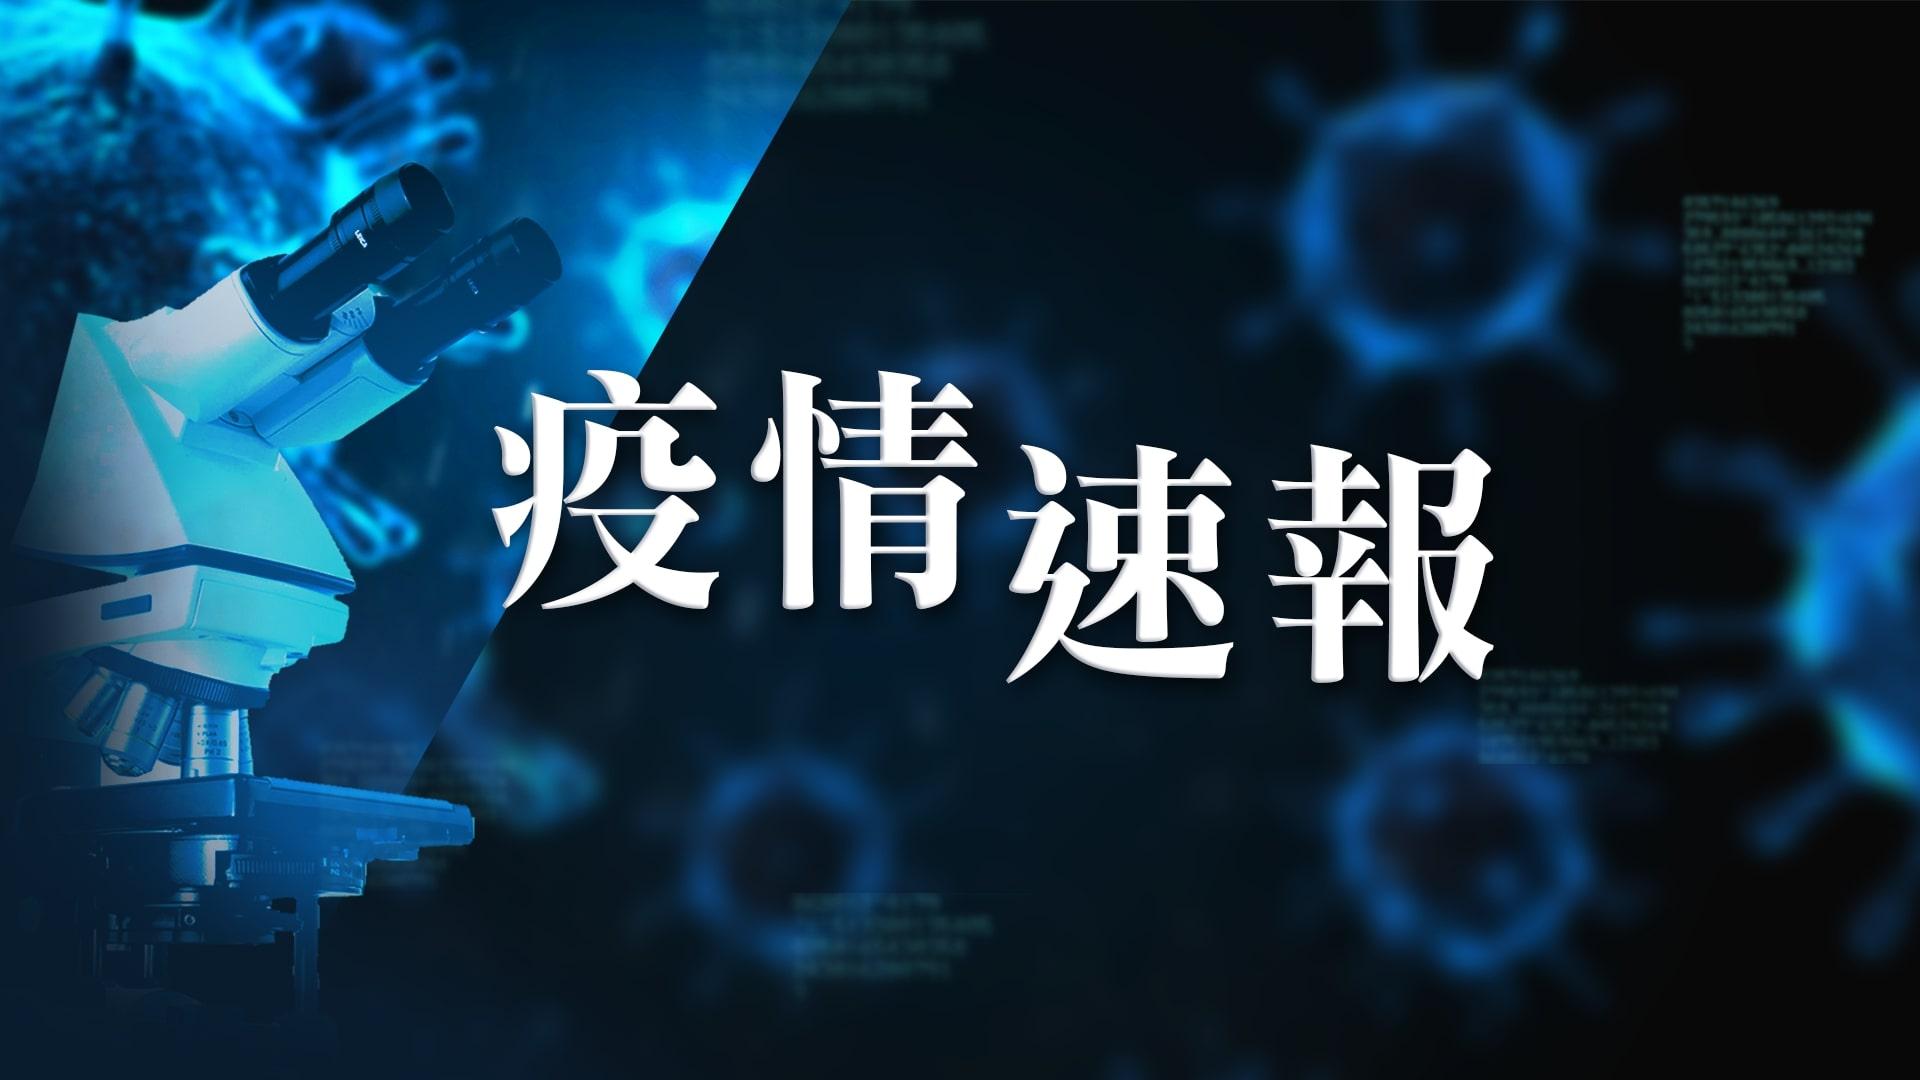 【6月23日疫情速報】(23:40)